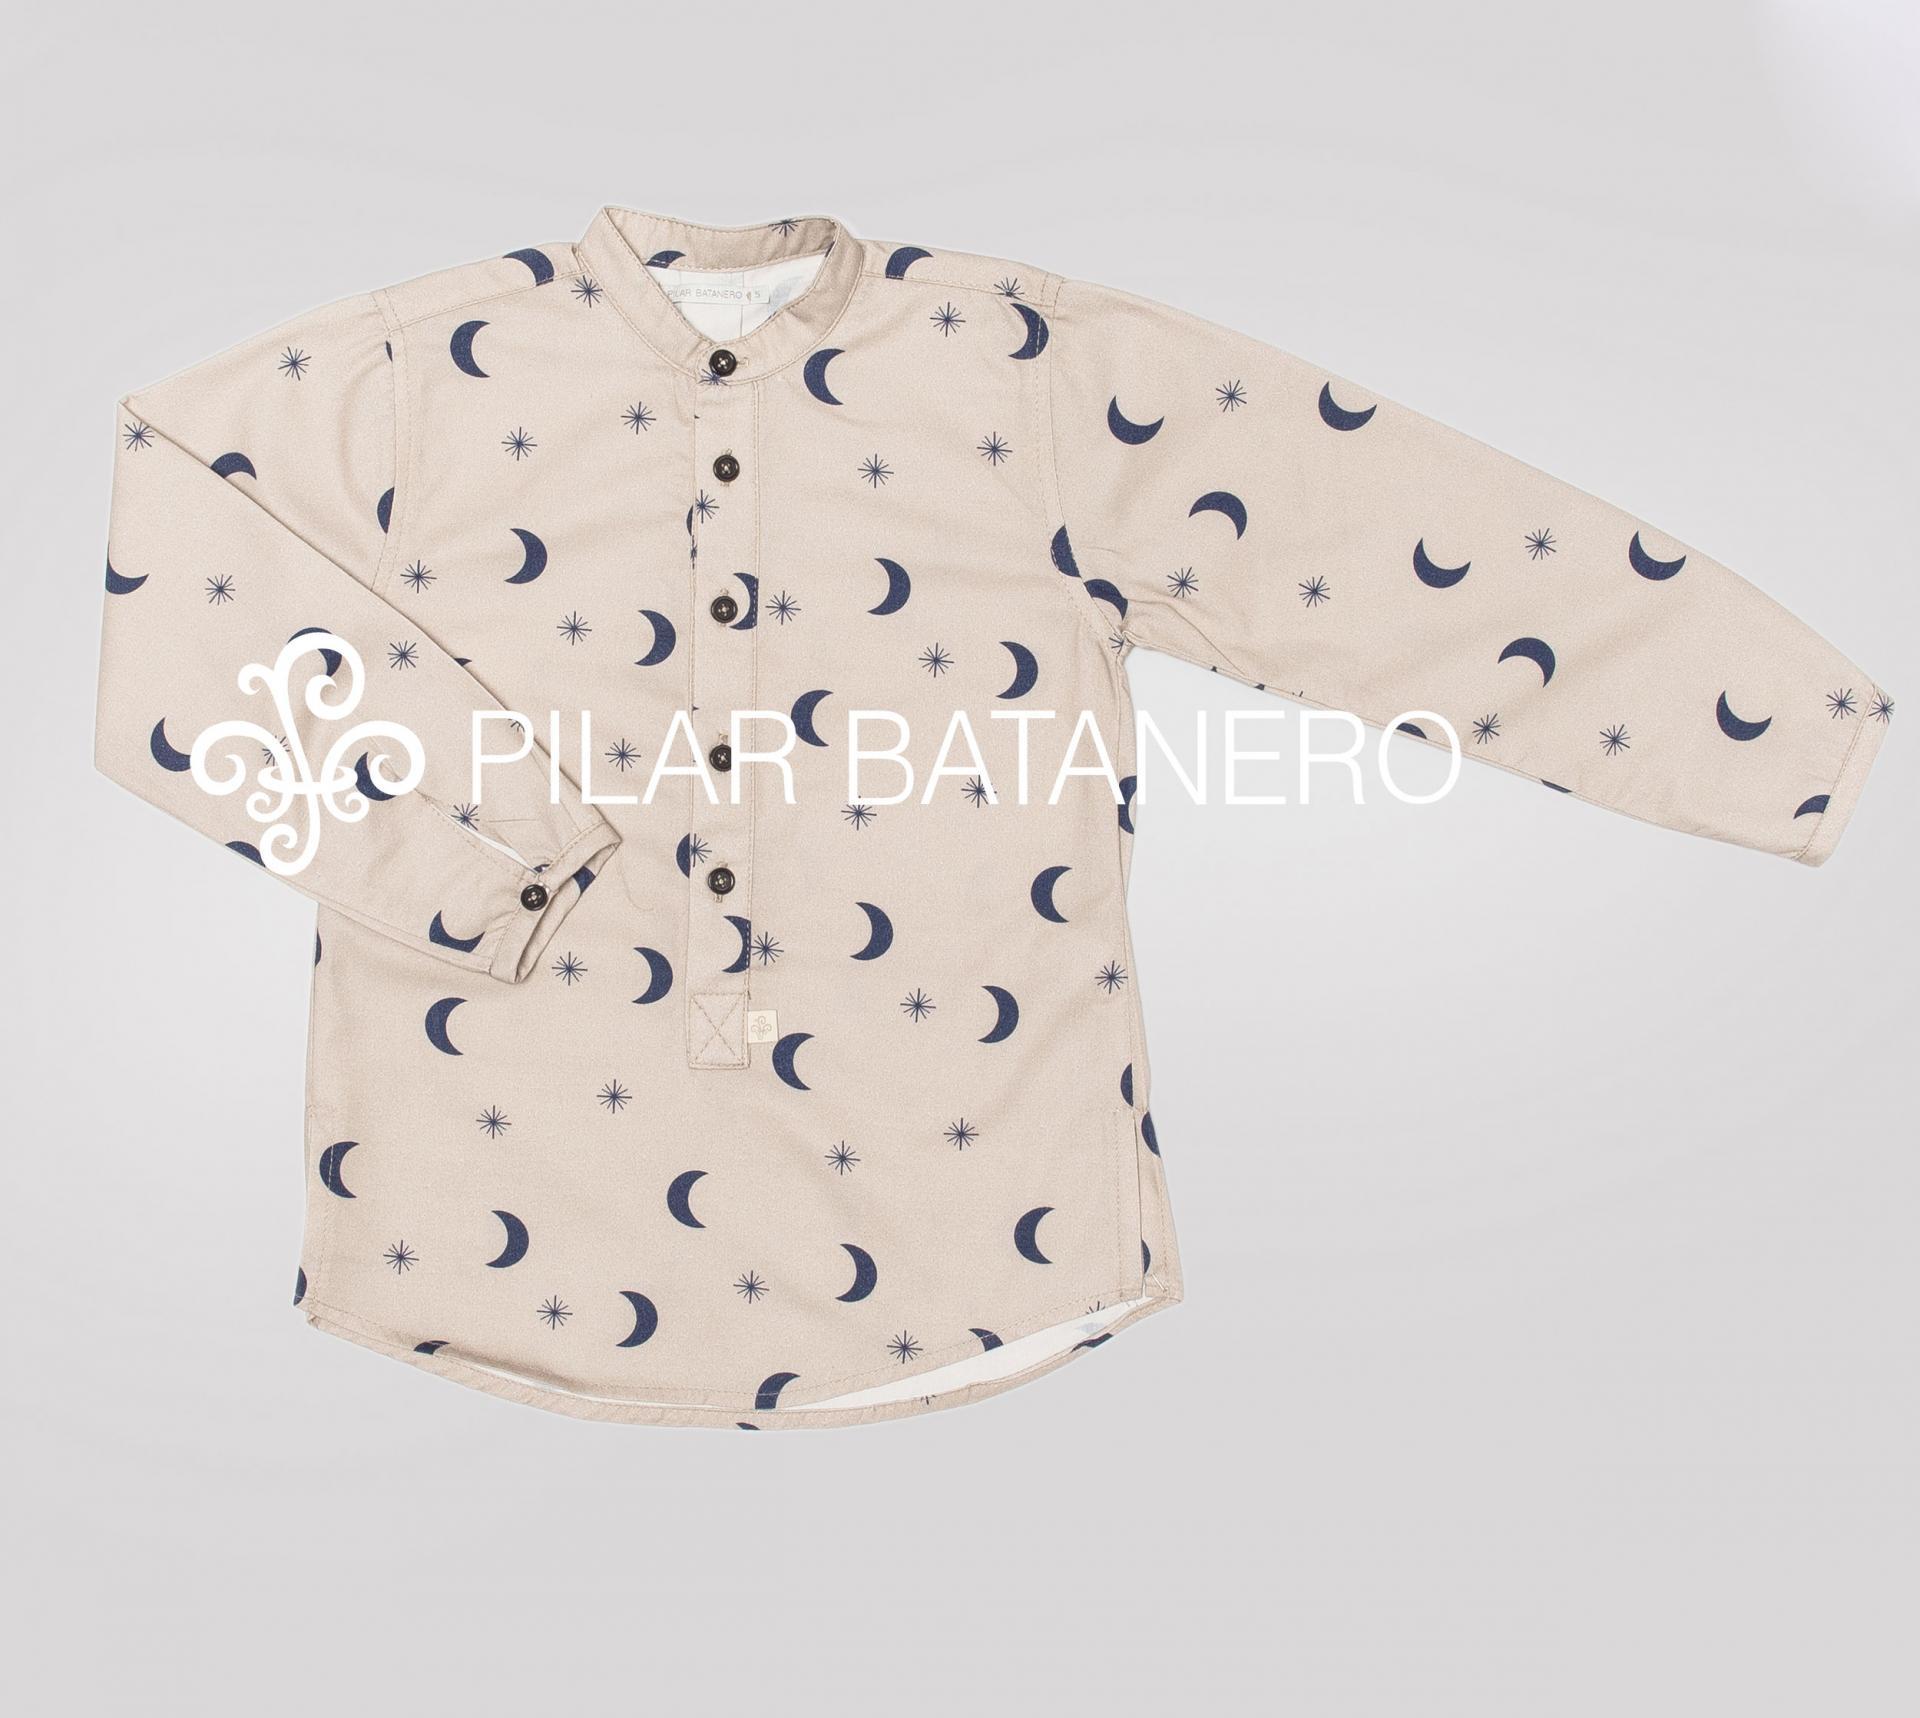 Camisa Pilar Batanero mod. Lunas y estrellas